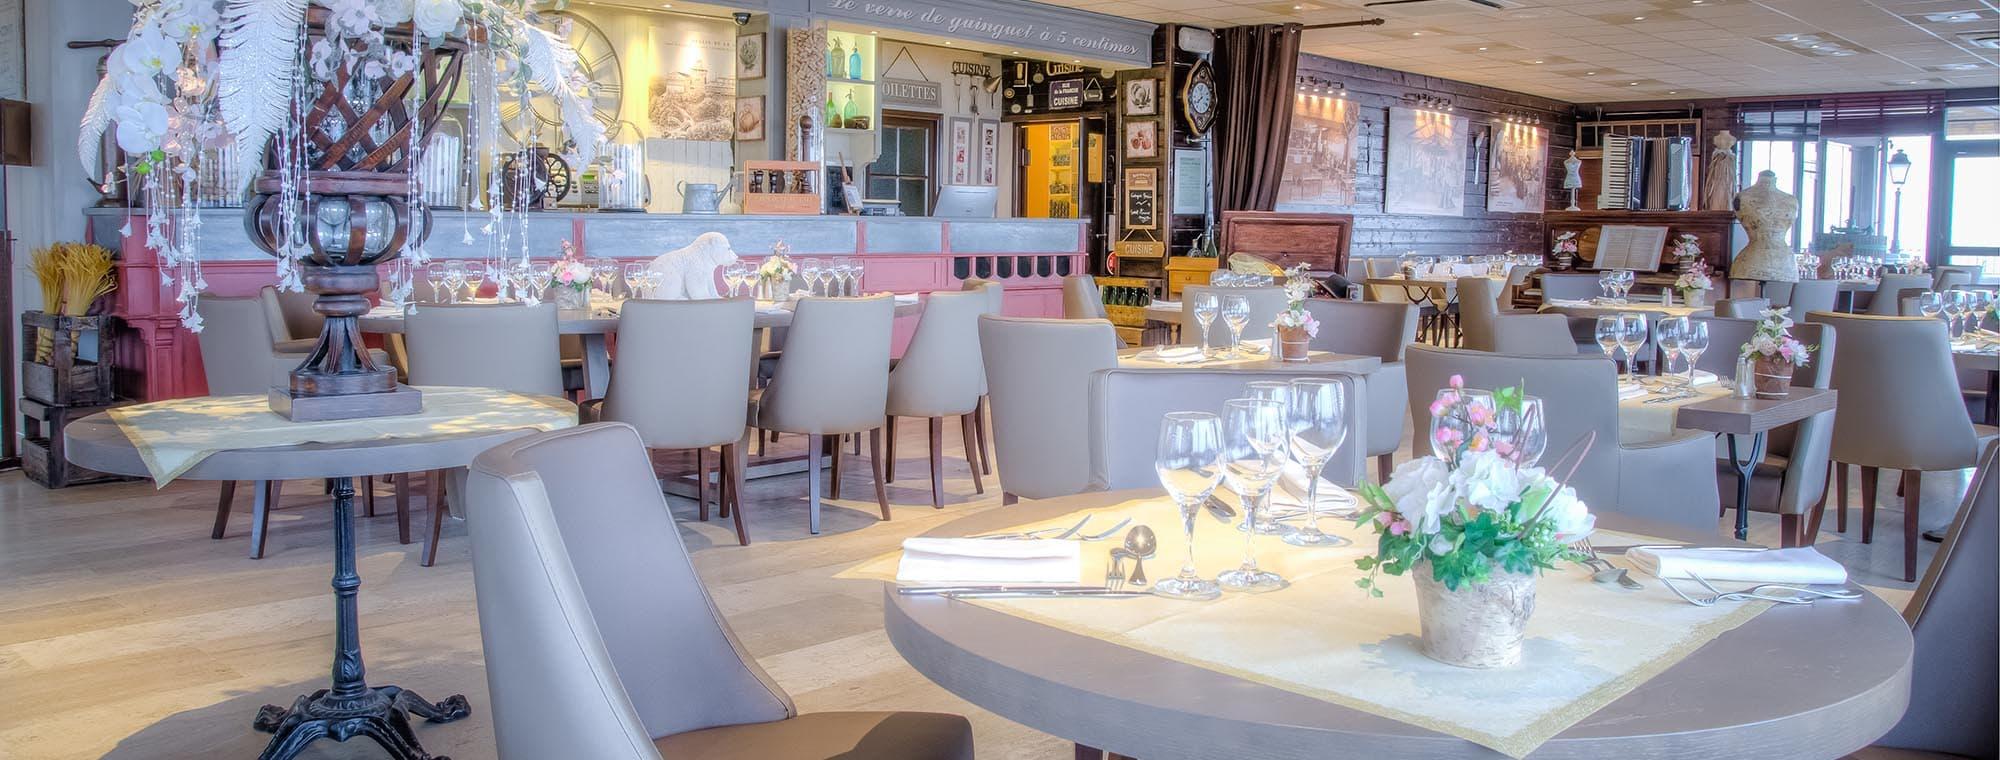 Интерьер ресторана Moulin de la Galette